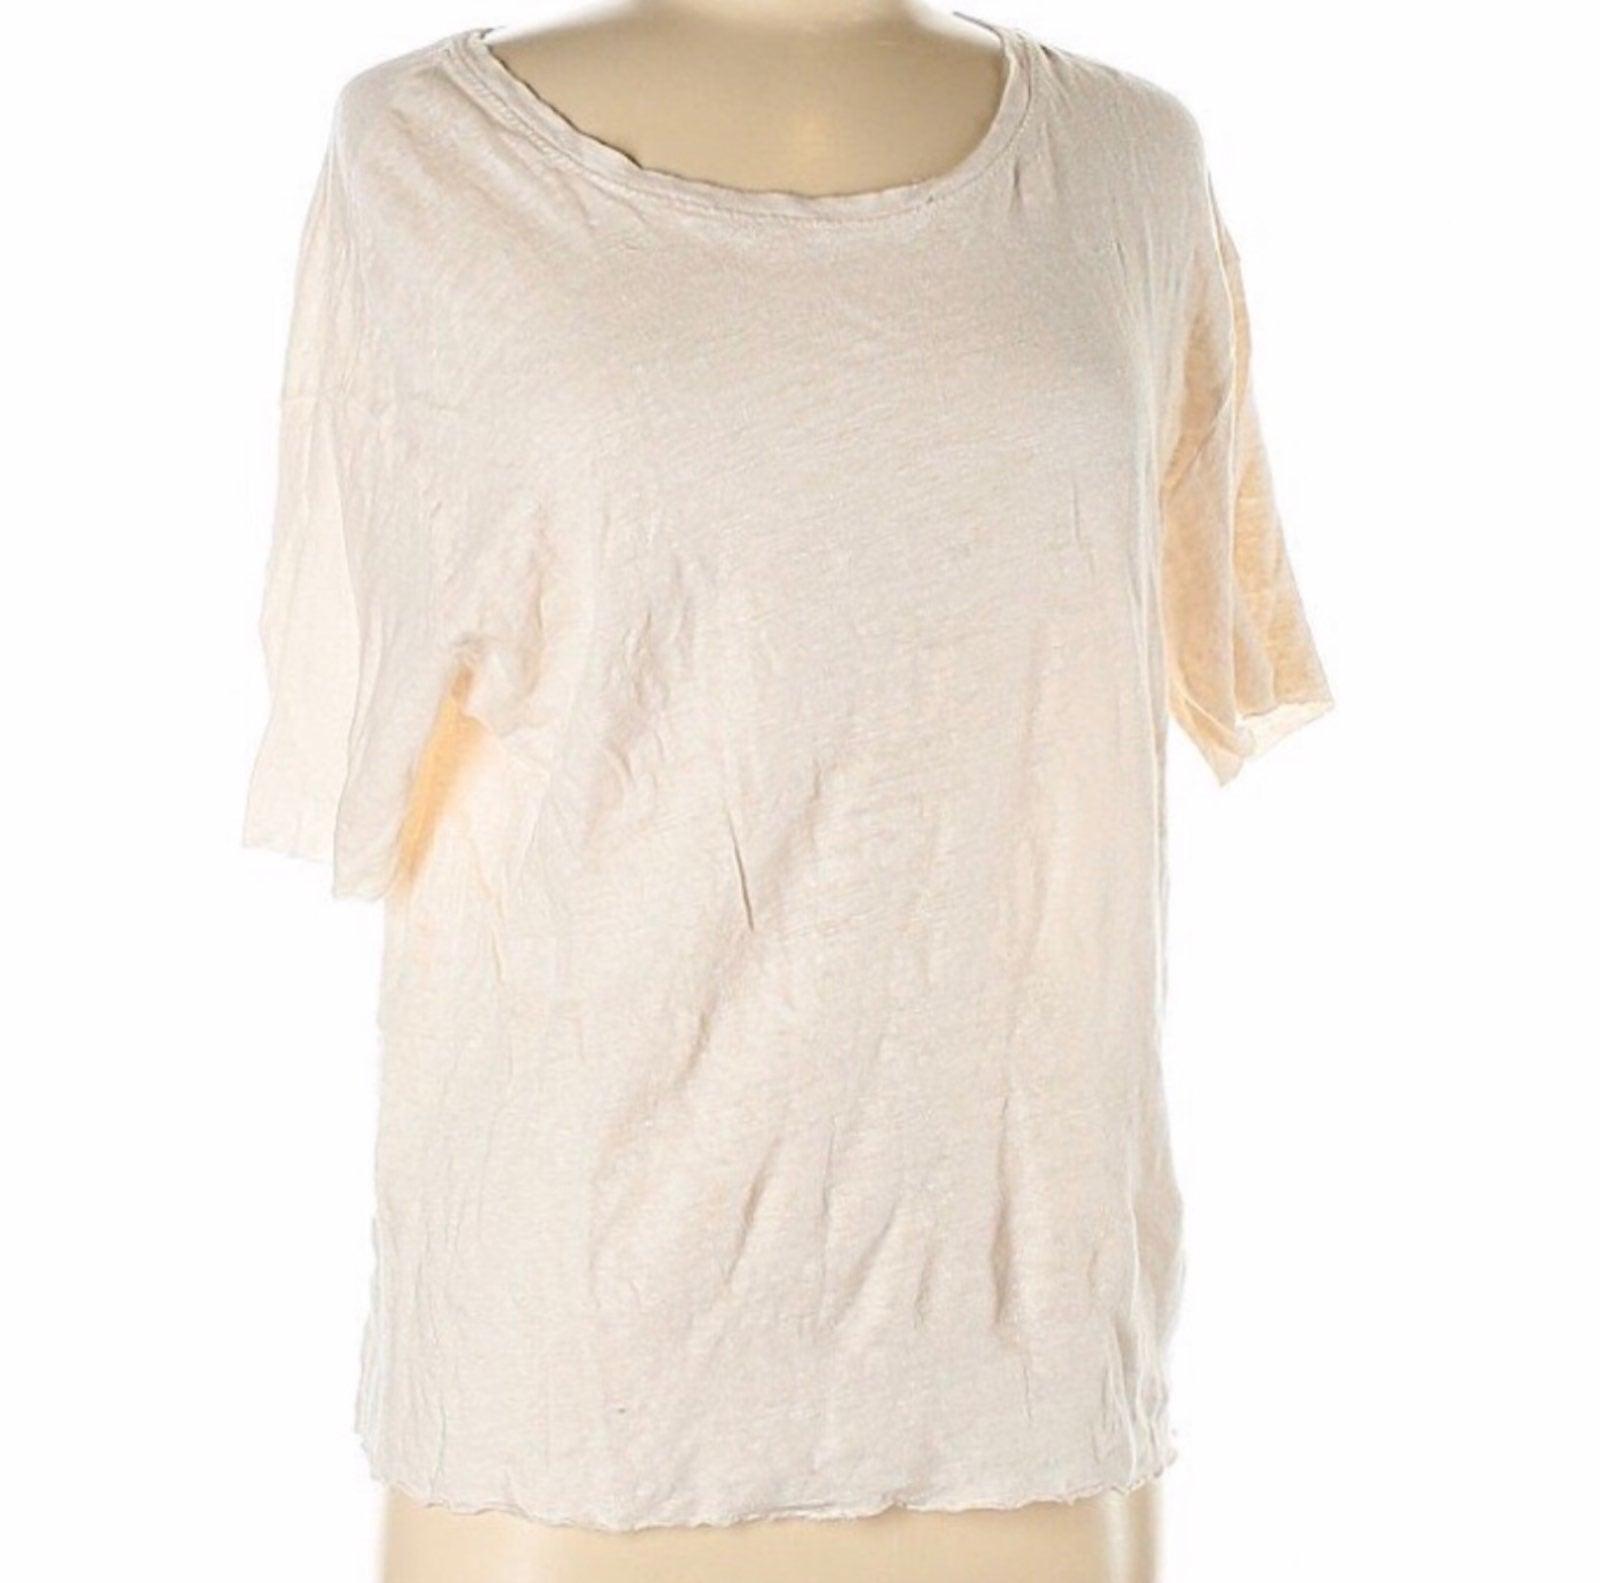 Zara Oversized Linen Tee Shirt Size M